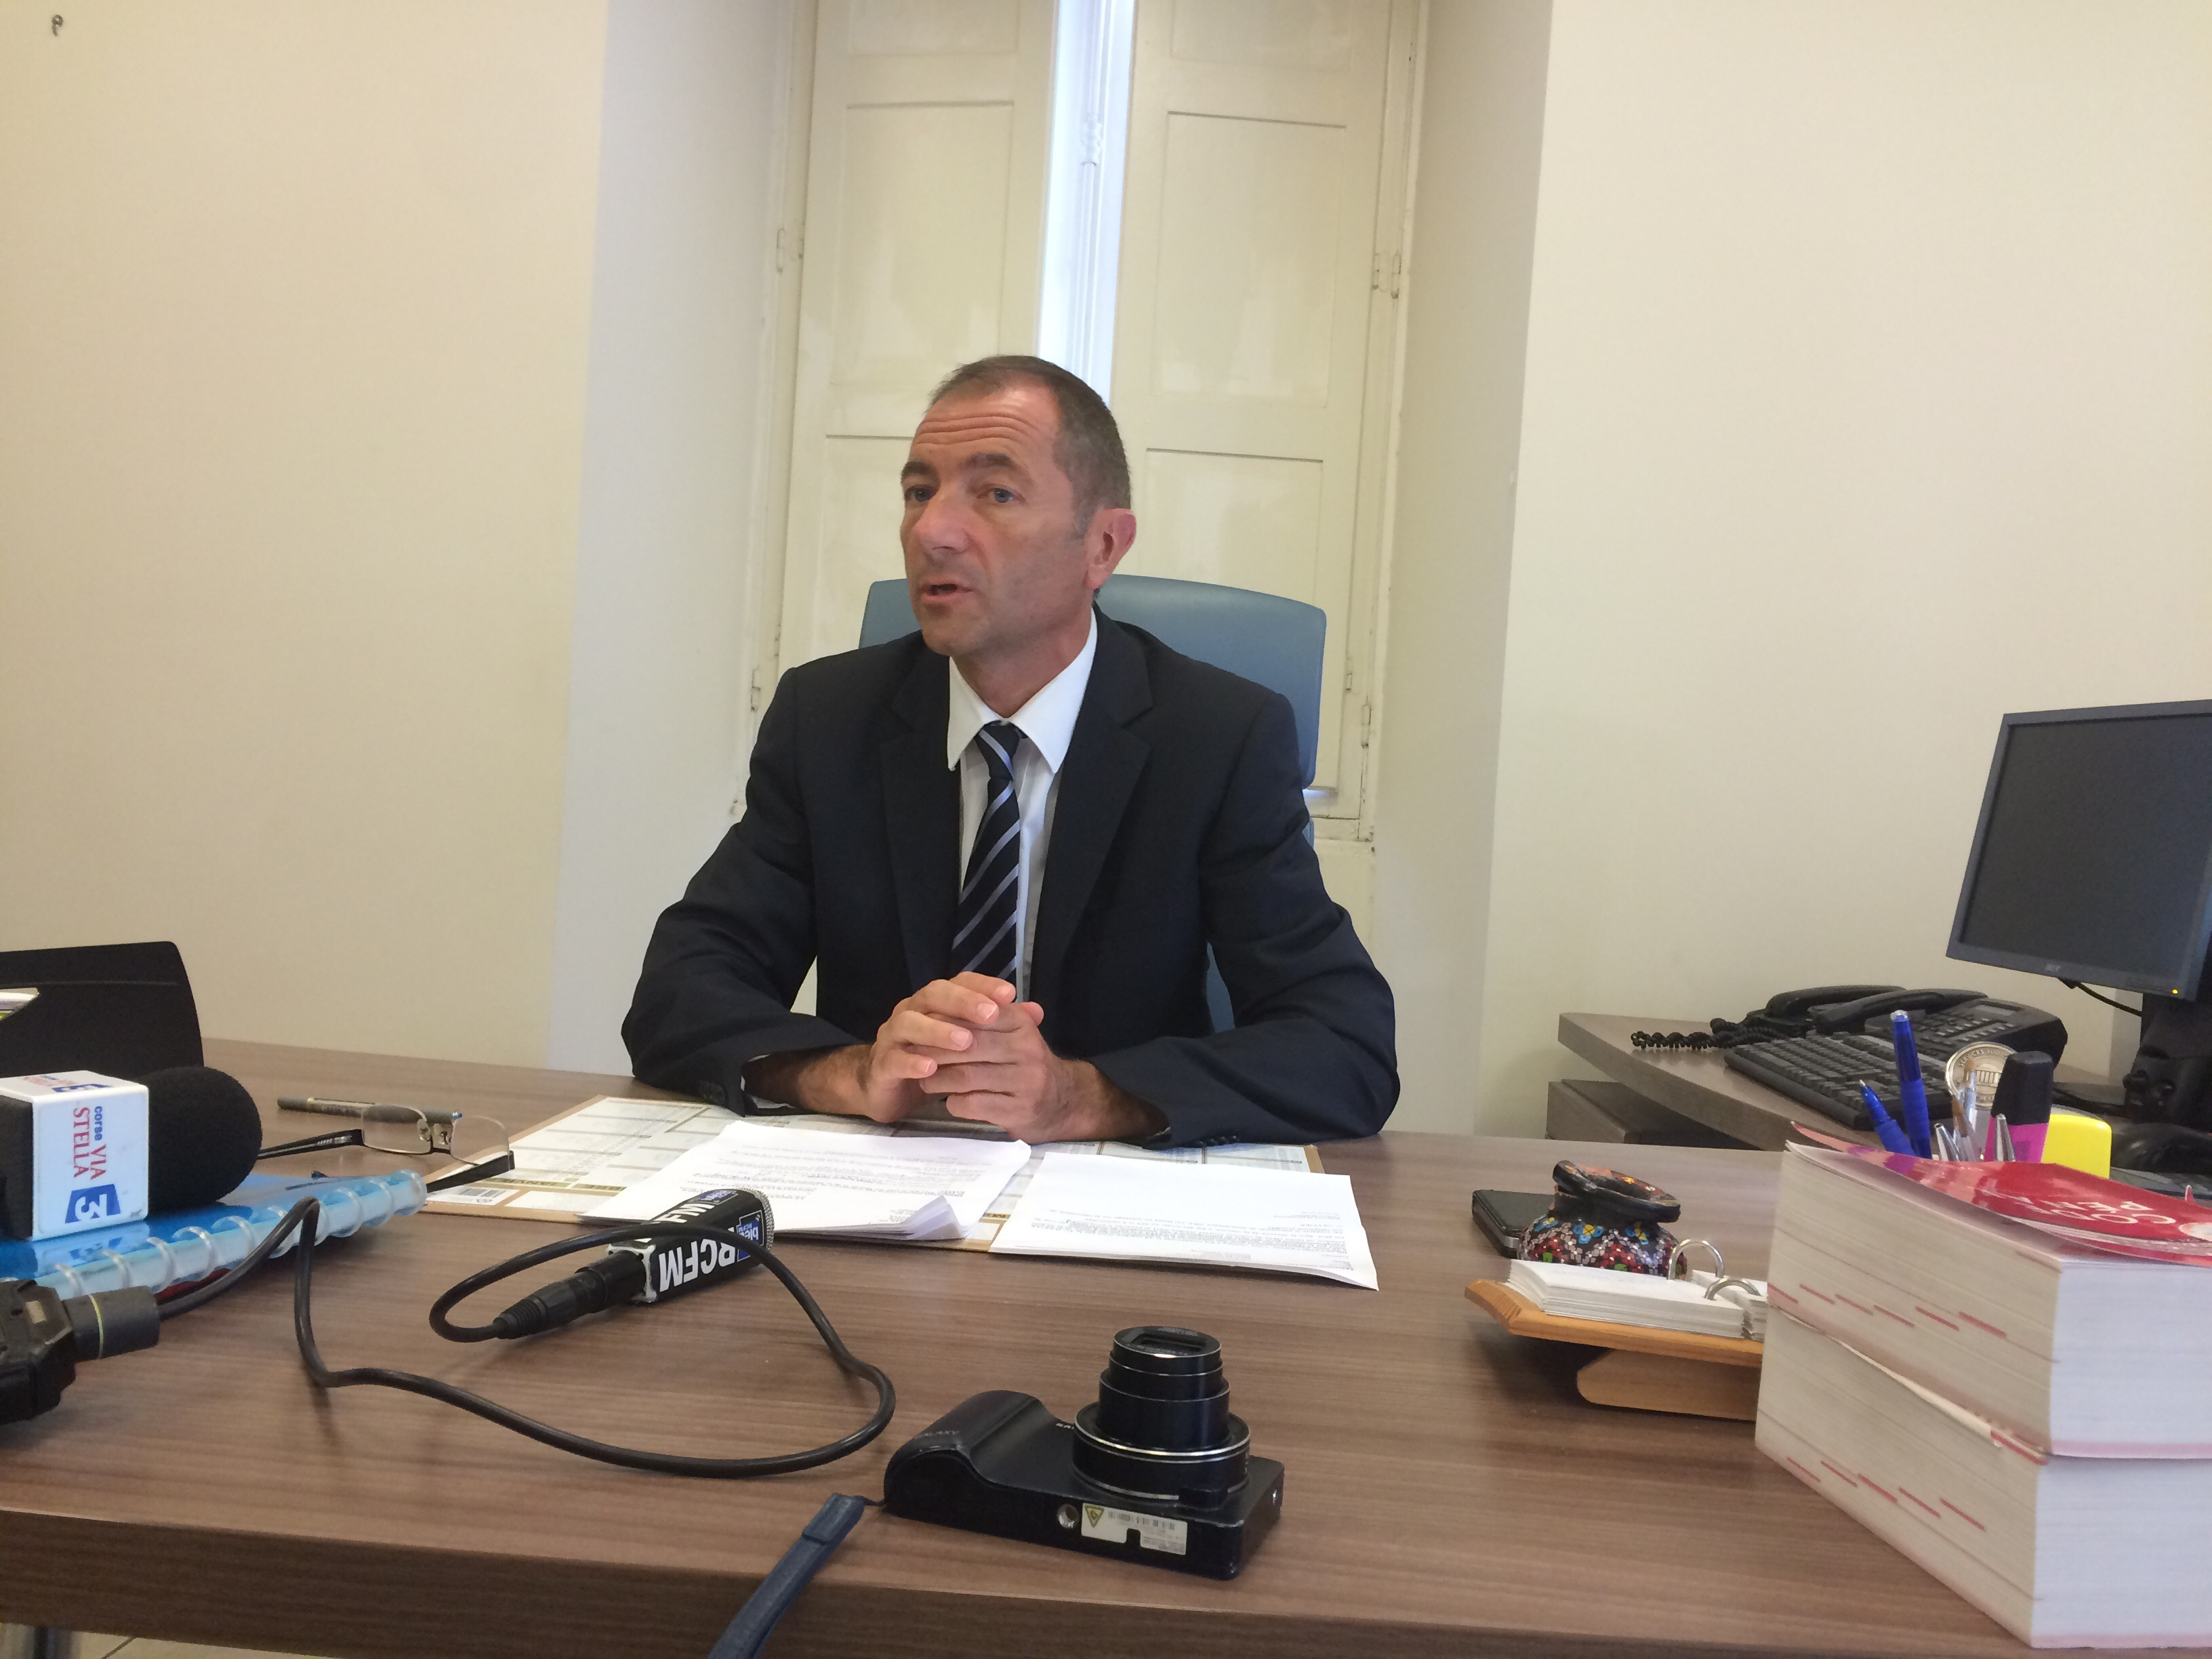 Le procureur de la République adjoint de Bastia annonçant la mise en examen